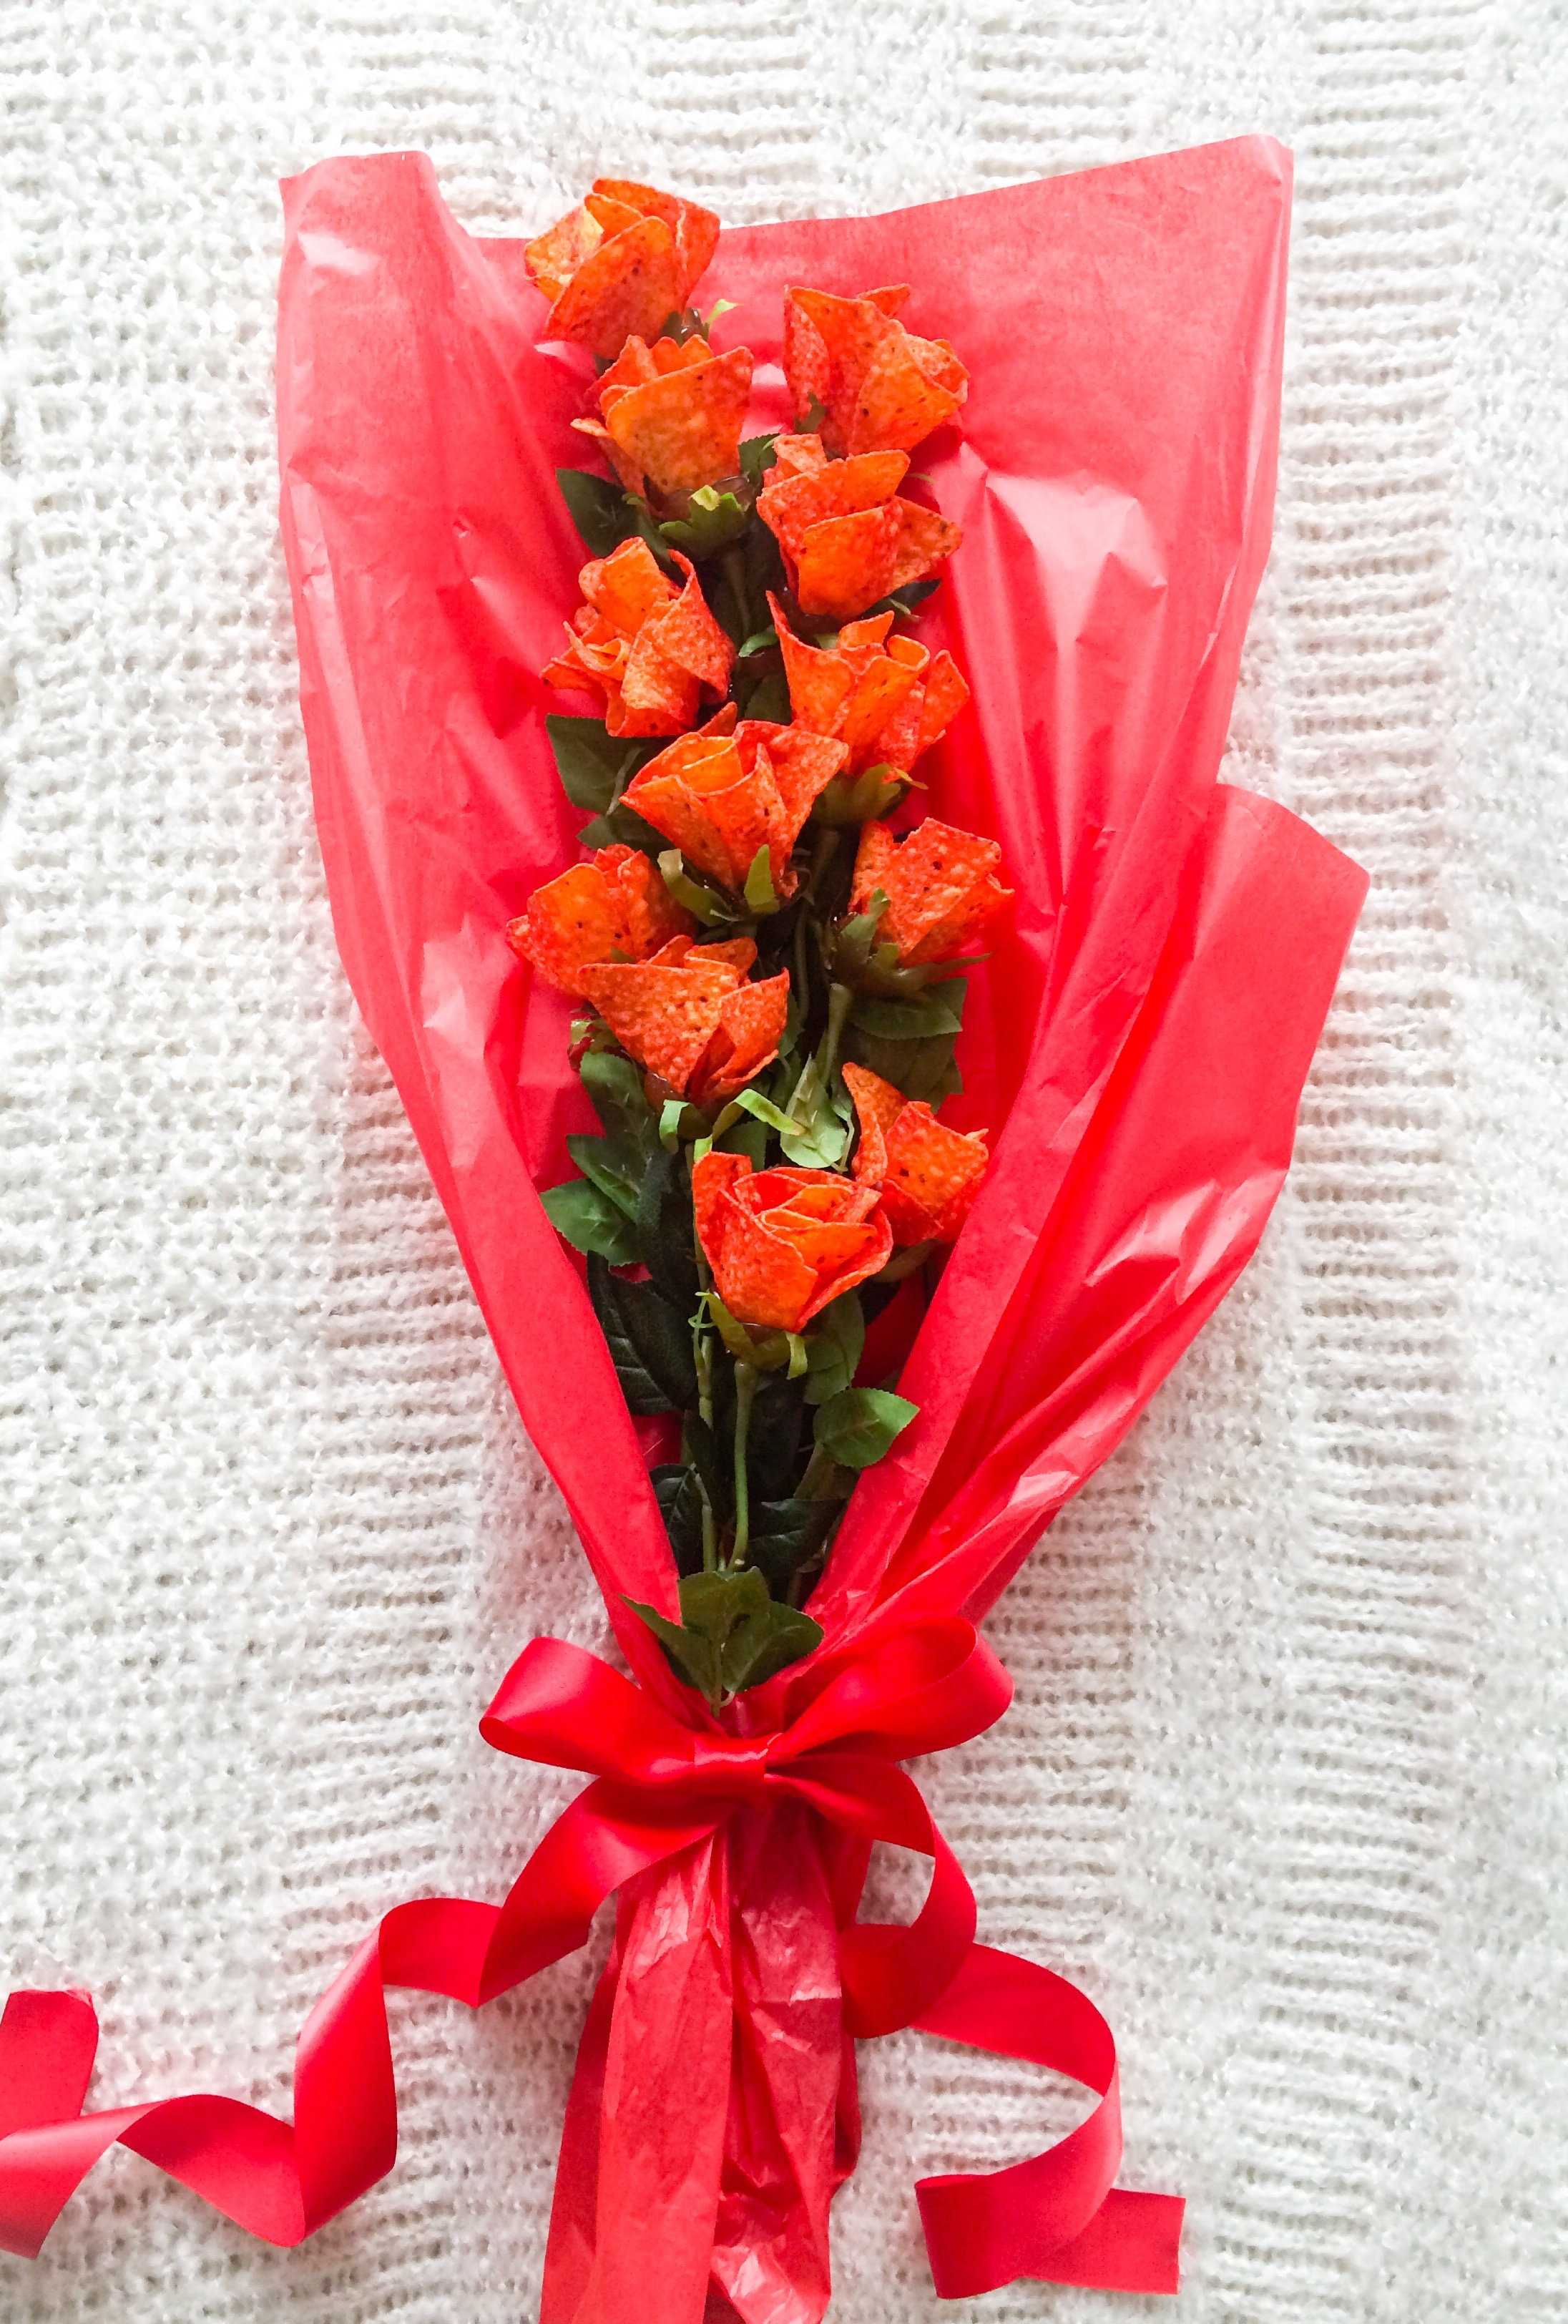 Bouquet De Fleur Pour St Valentin la st-valentin autrement: un bouquet de roses en doritos